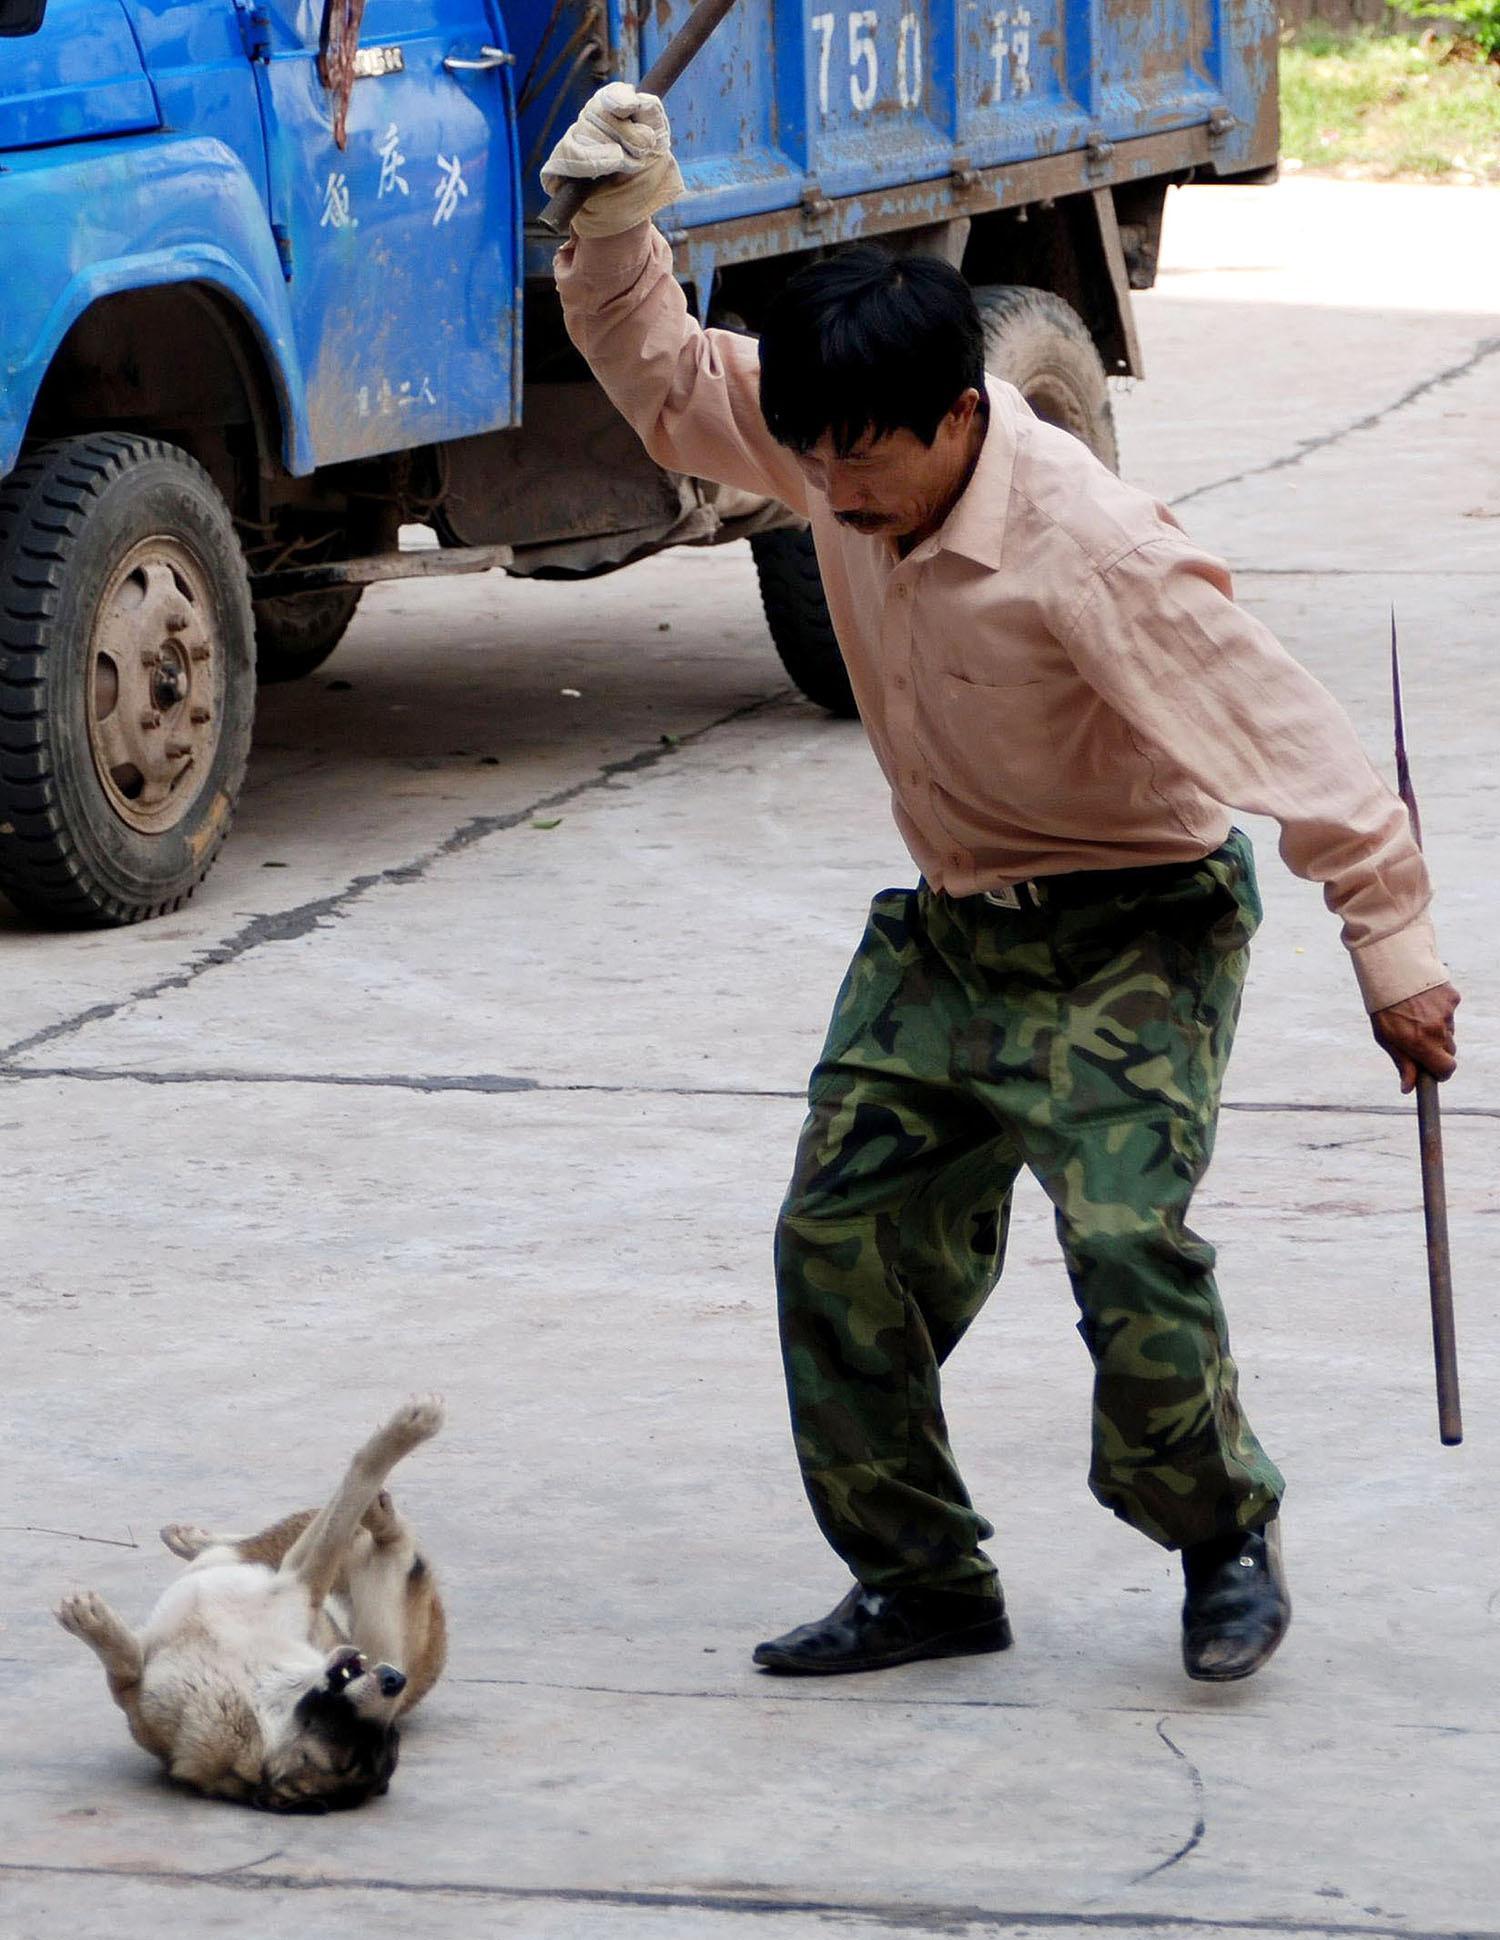 打狗队当街凶残打狗,这一棒打出许多问题。(法新社)